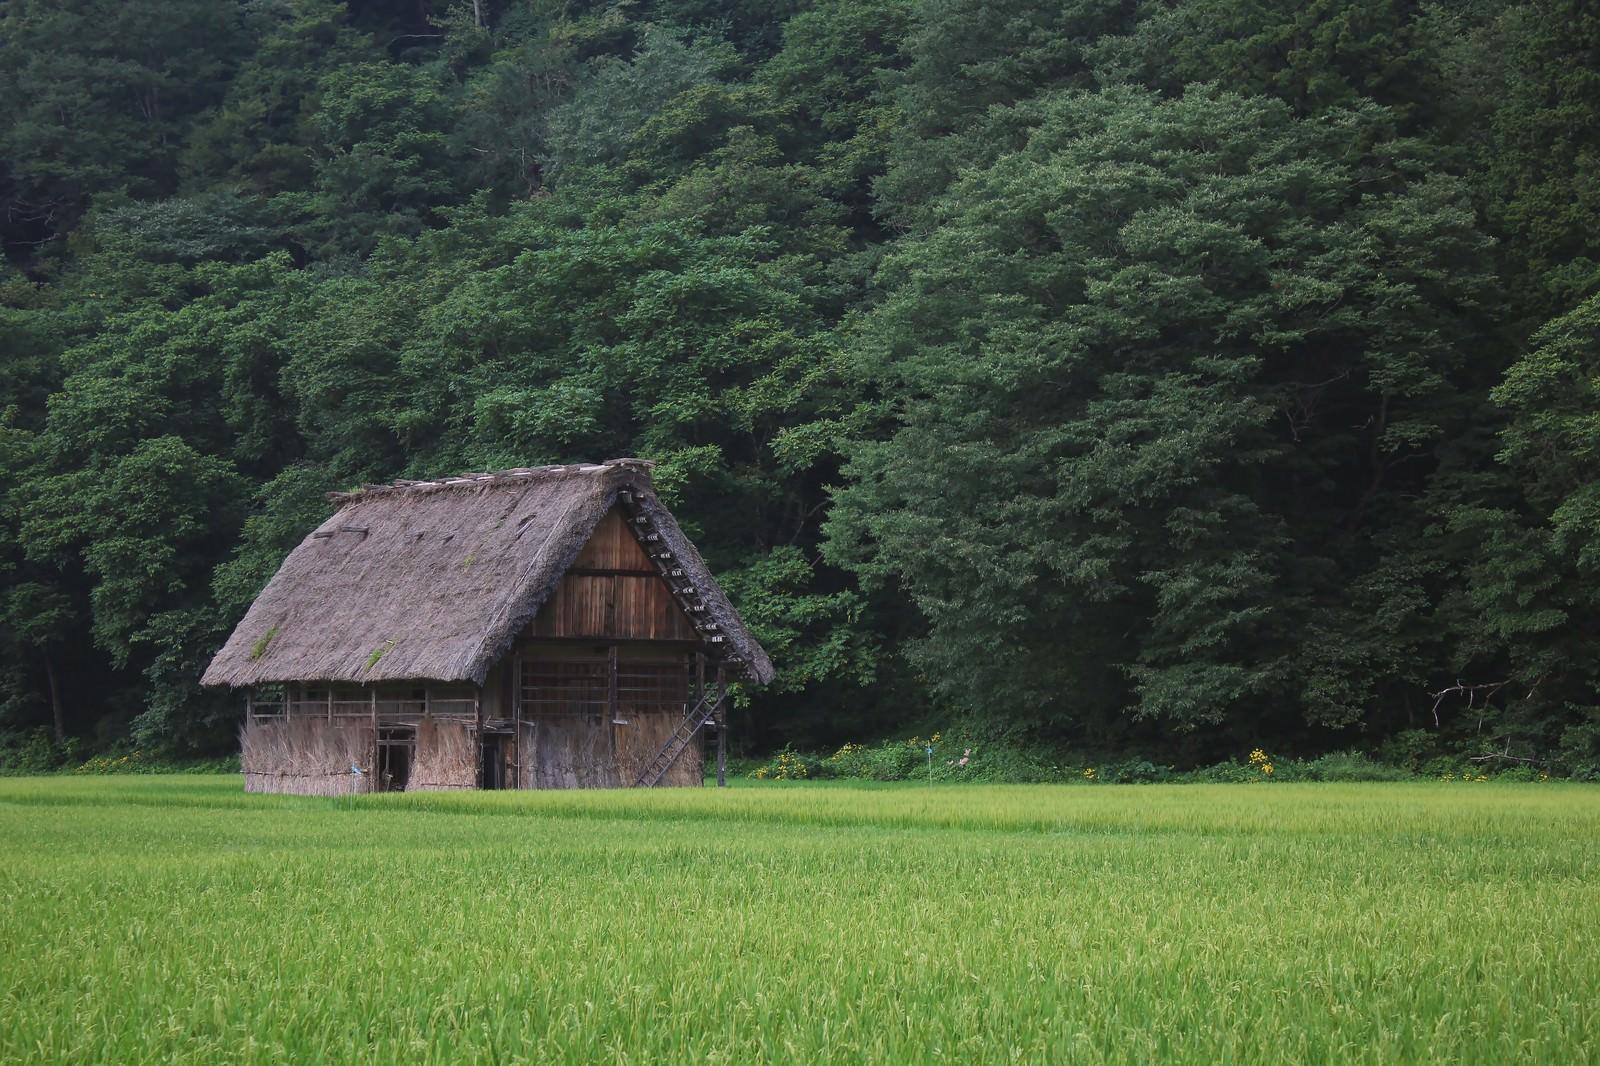 「田んぼの中の家田んぼの中の家」のフリー写真素材を拡大